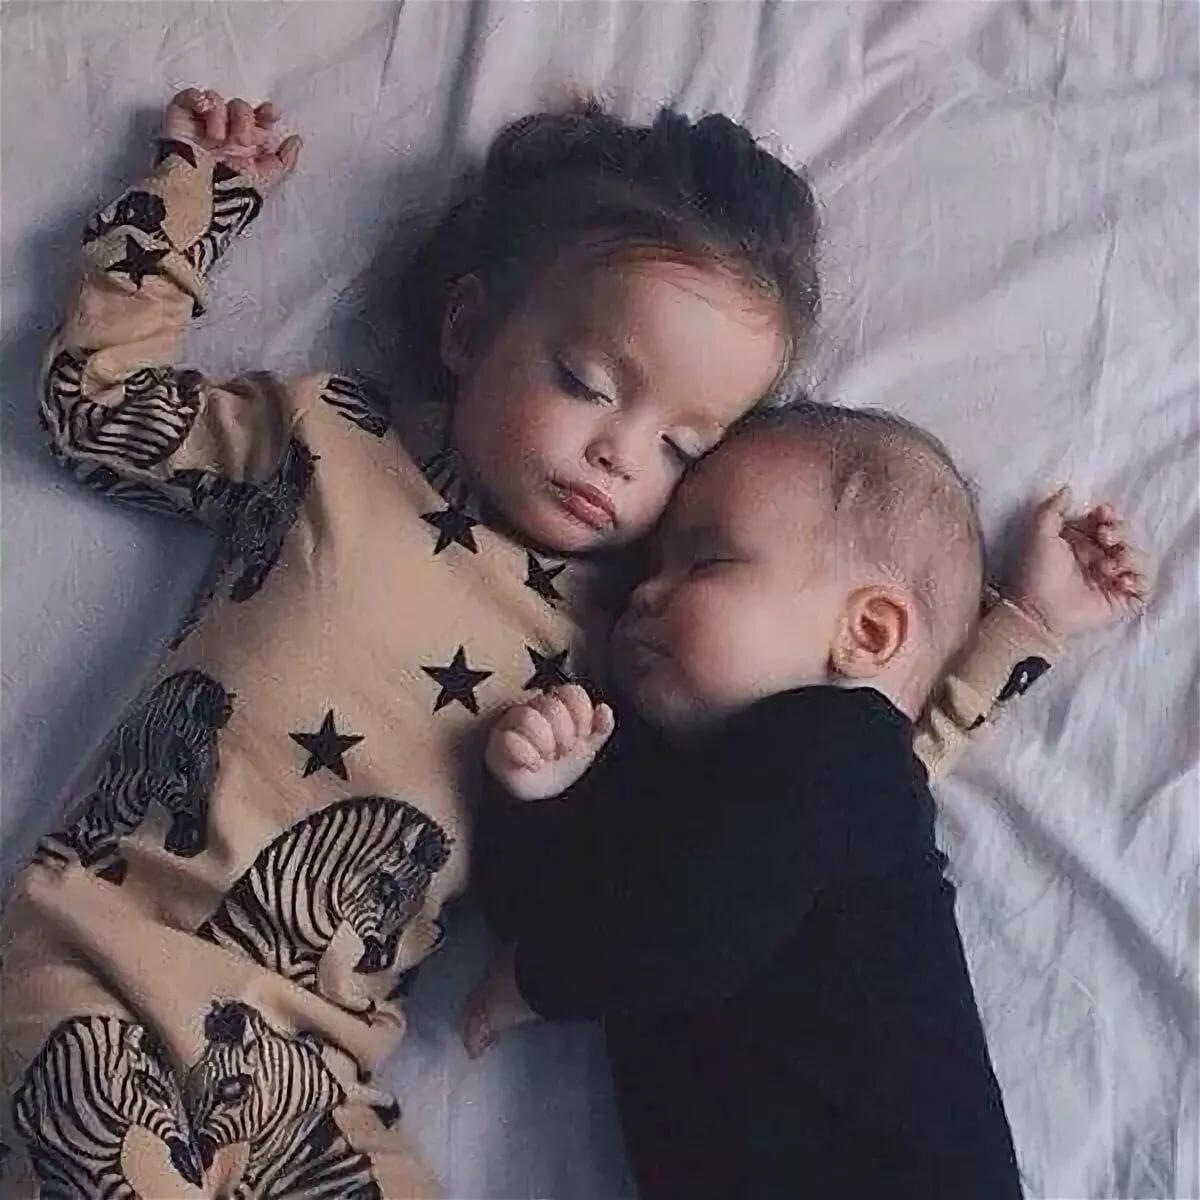 Брат и сестра крутые картинки, пригласительную открытку онлайн